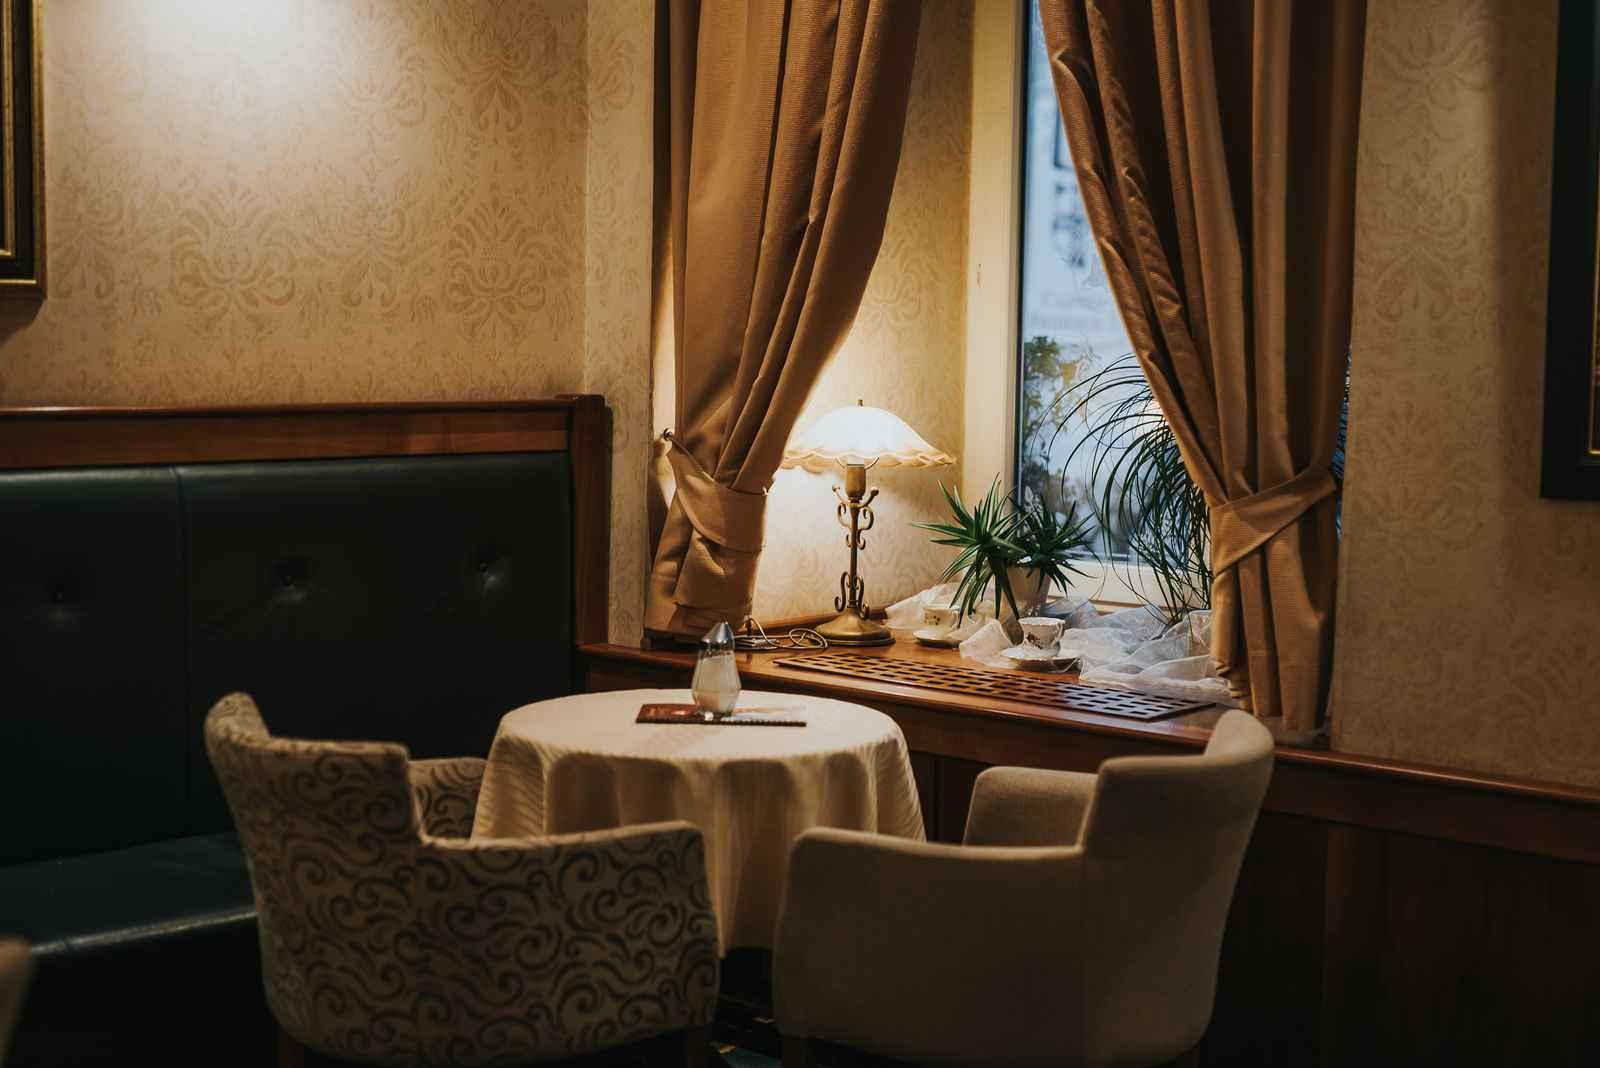 Zgodovina družabnosti - Prireditveni prostori v Hotelu Mitra Ptuj